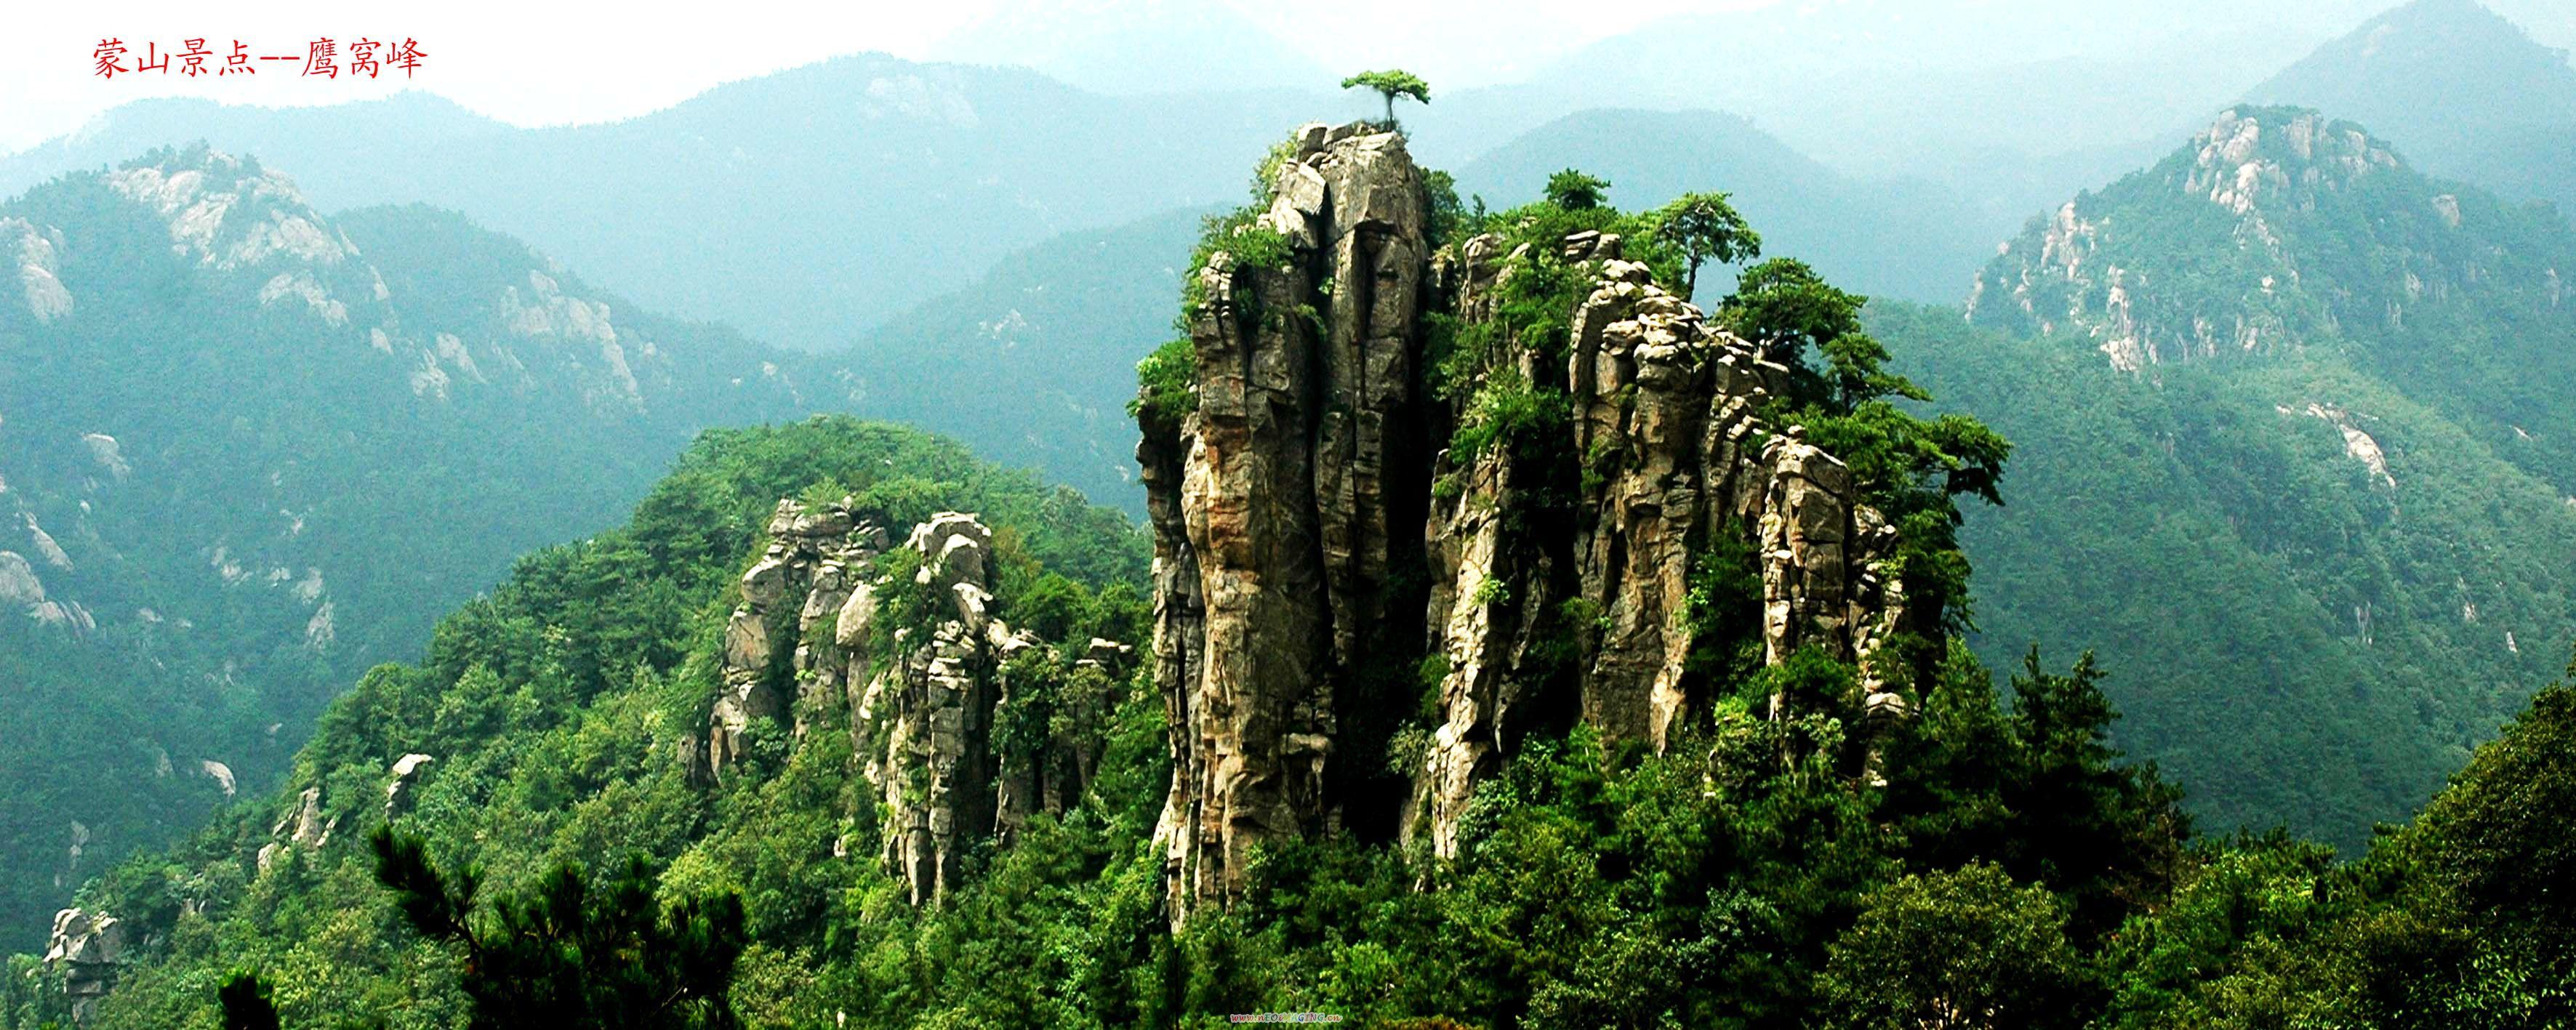 蒙山自然风景区